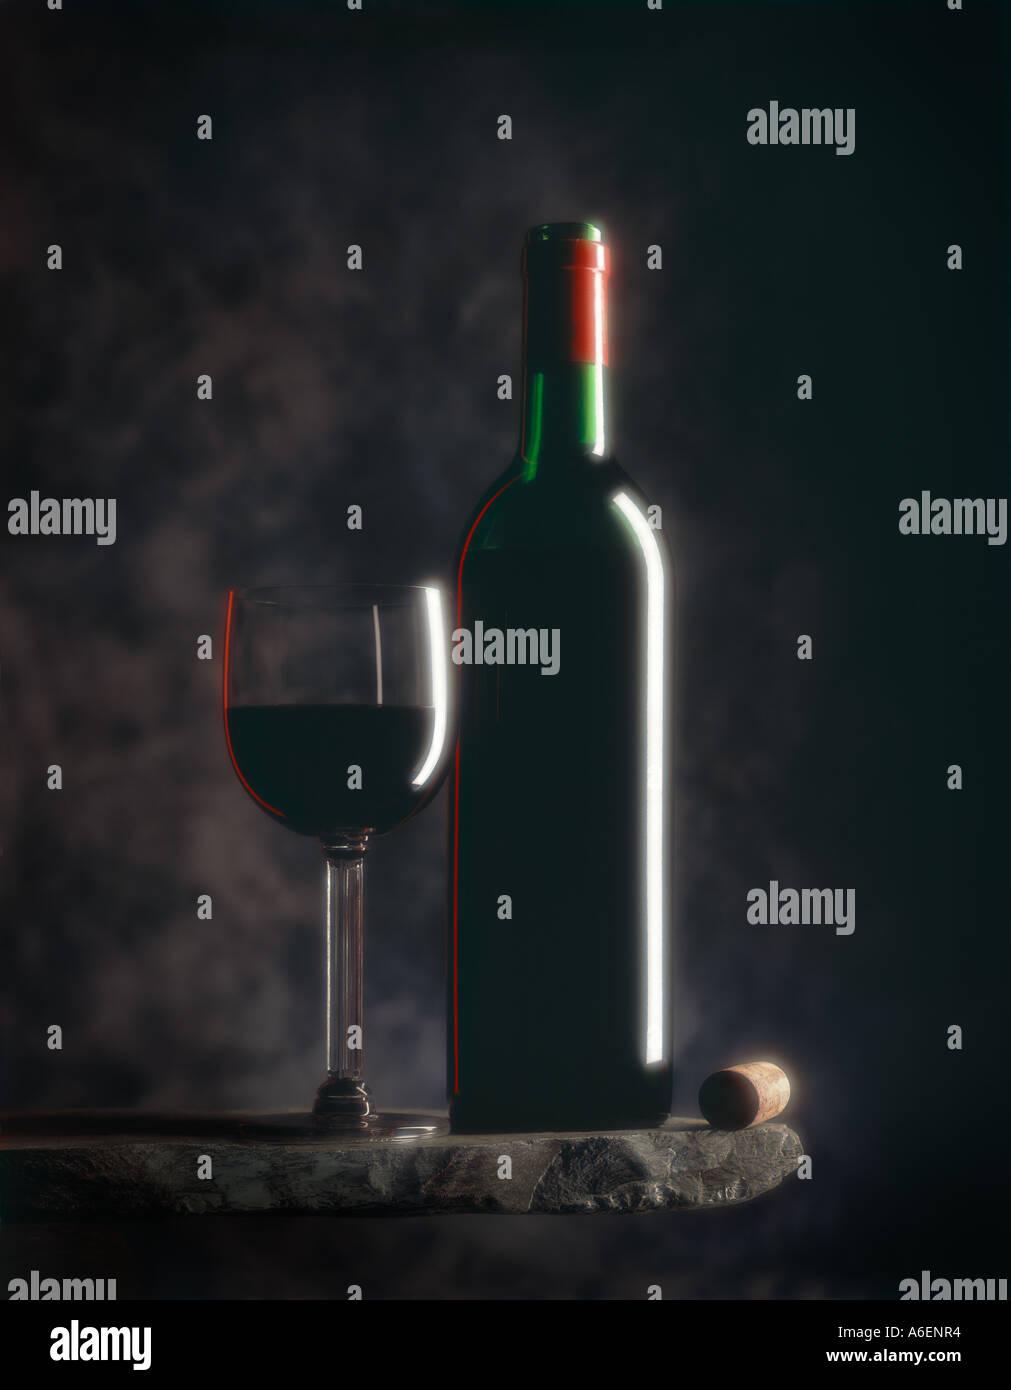 Still Life photo de bouteille de vin rouge et le verre Photo Stock